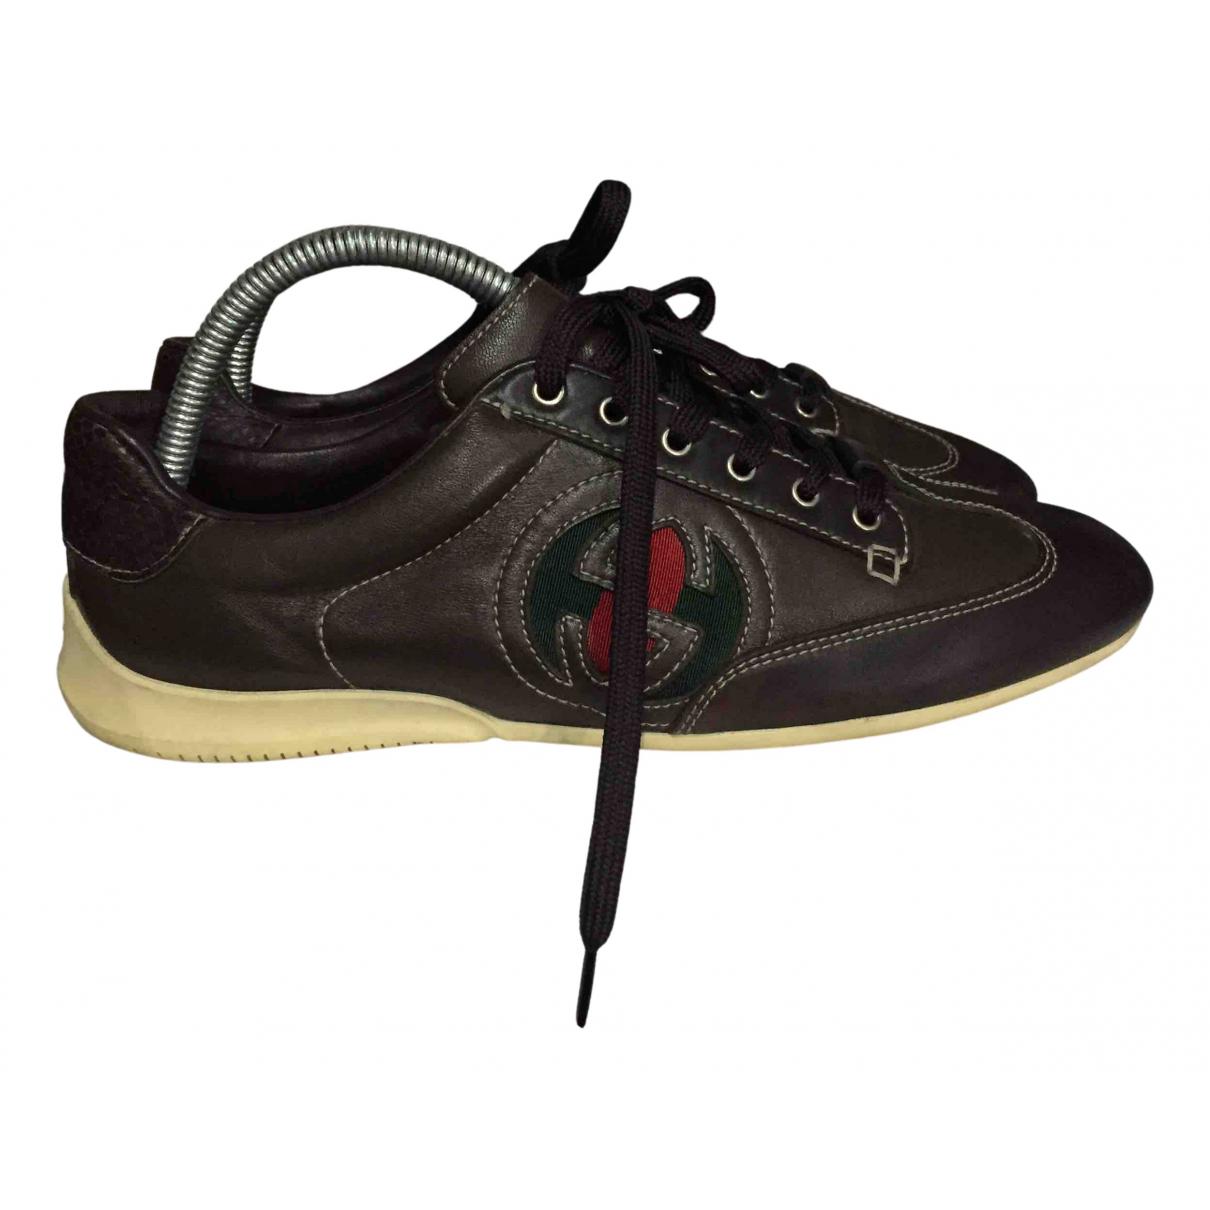 Gucci - Baskets   pour femme en cuir - marron